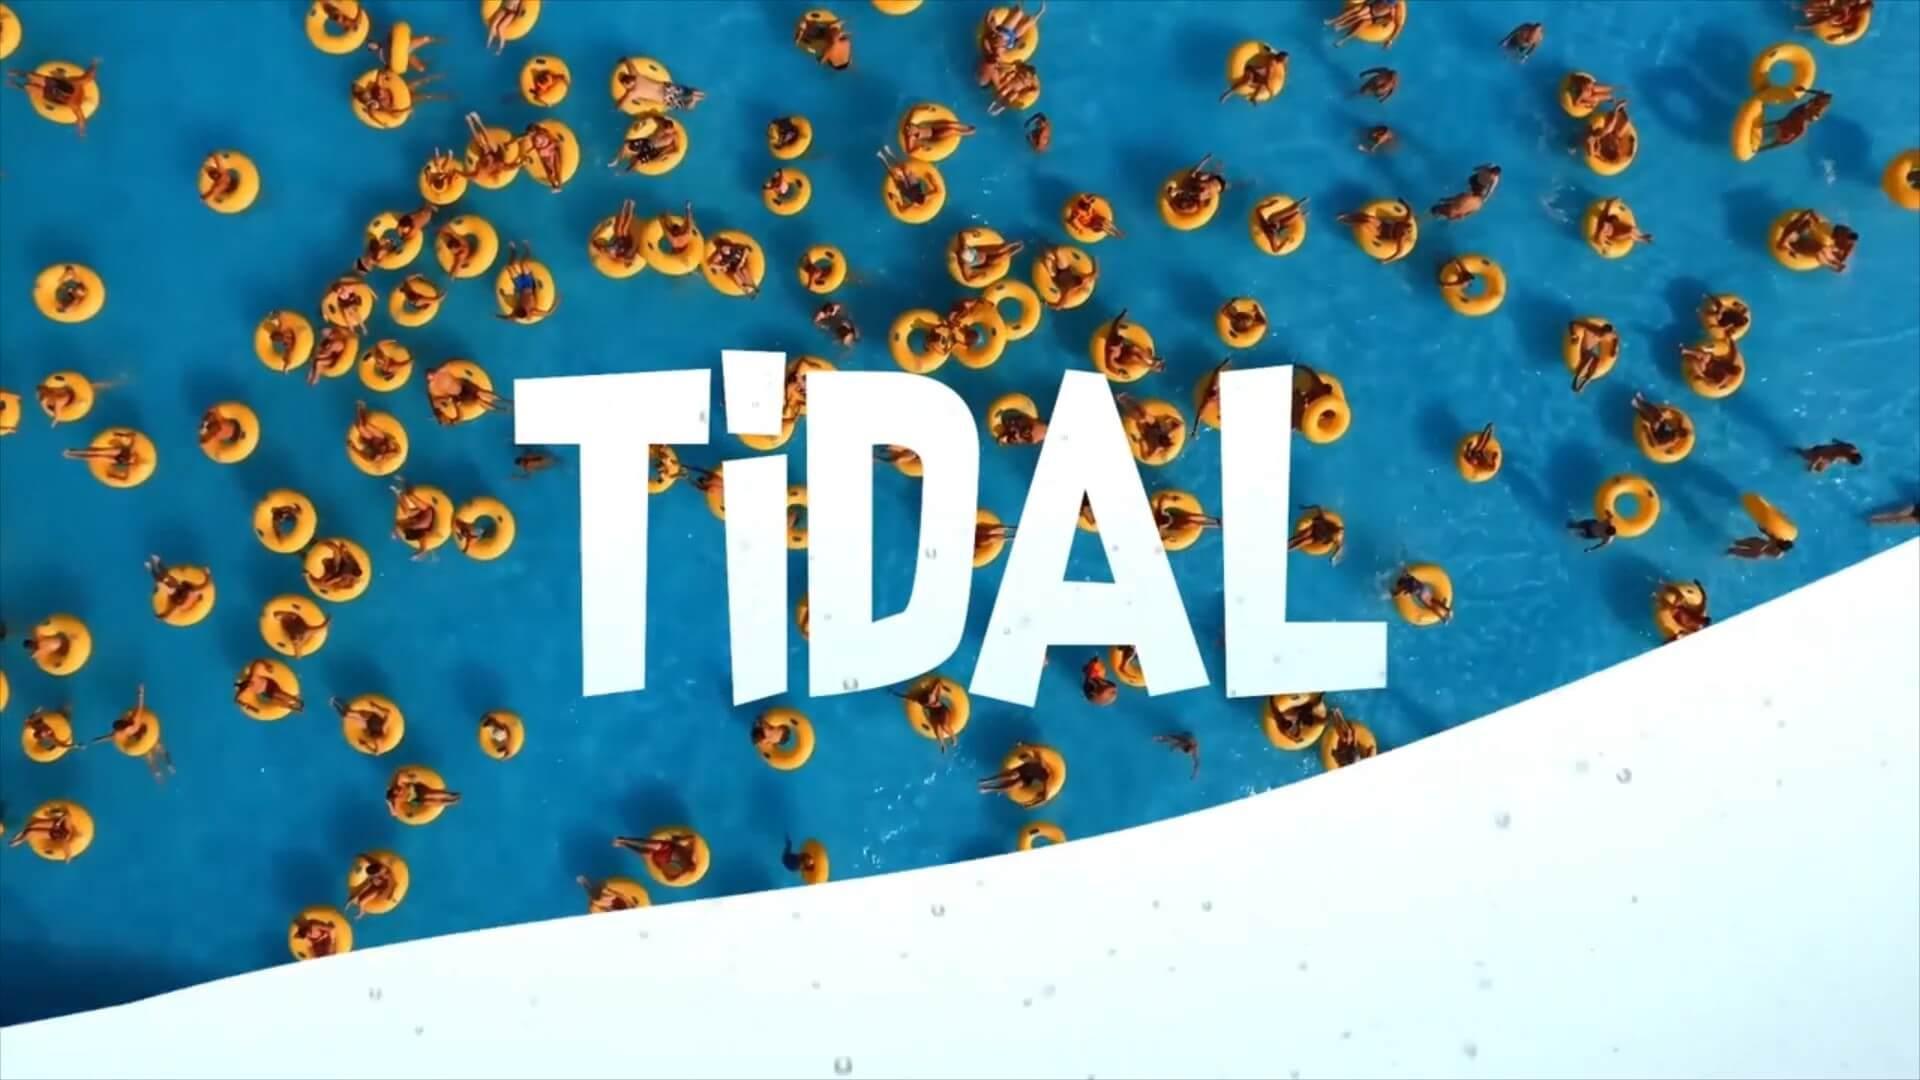 视频转场素材 100个4K趣味卡通活力流体弹性风格转场 Tidal